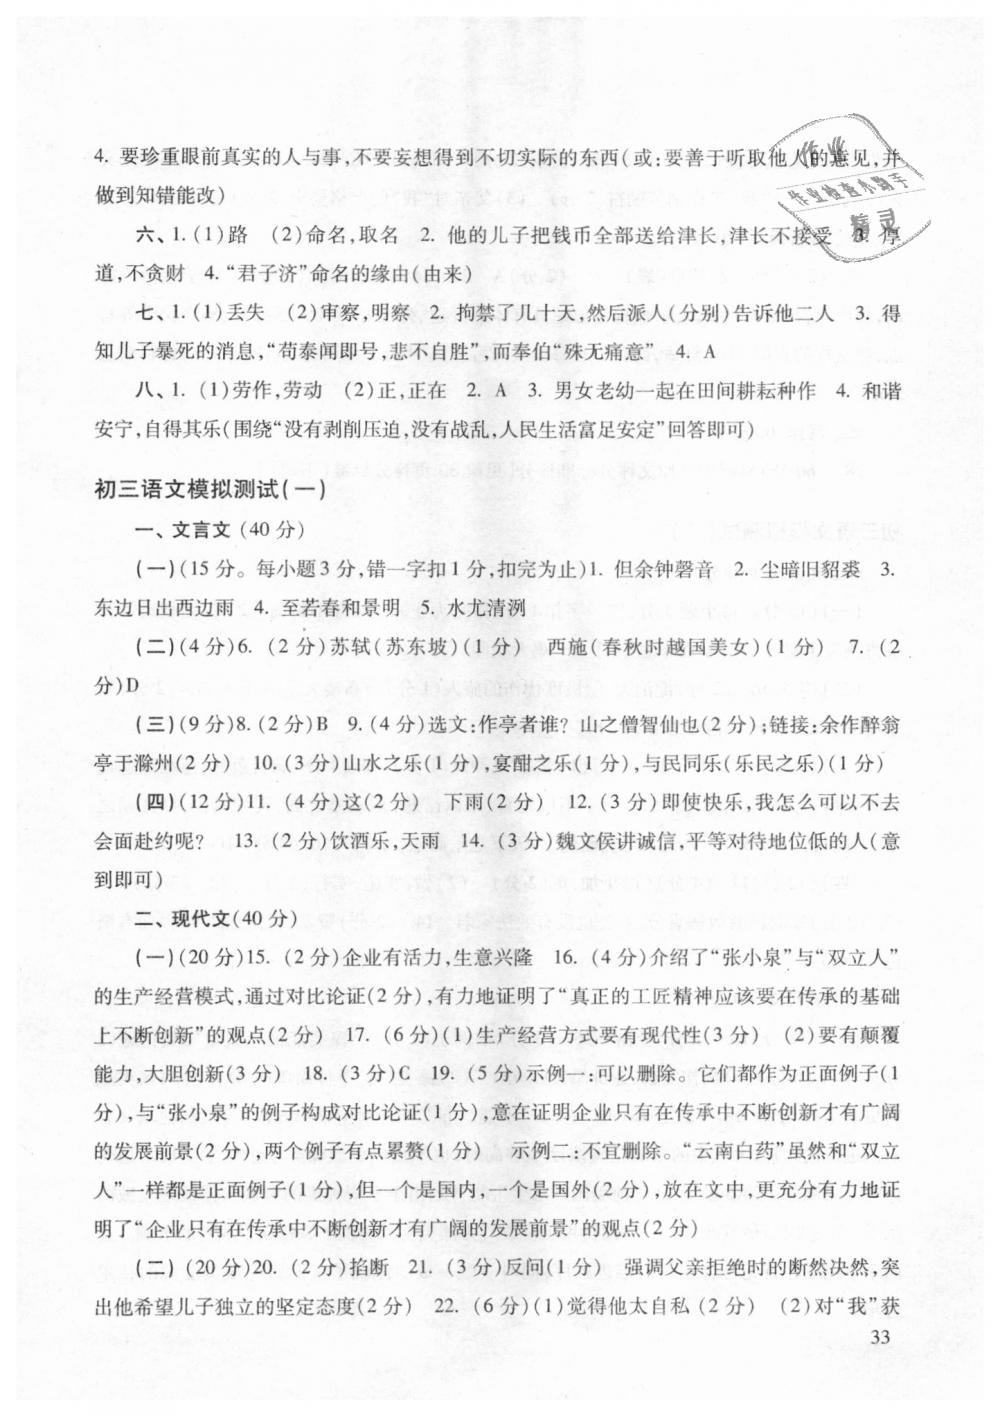 2018年中考文言诗文考试篇目点击九年级语文沪教版第33页